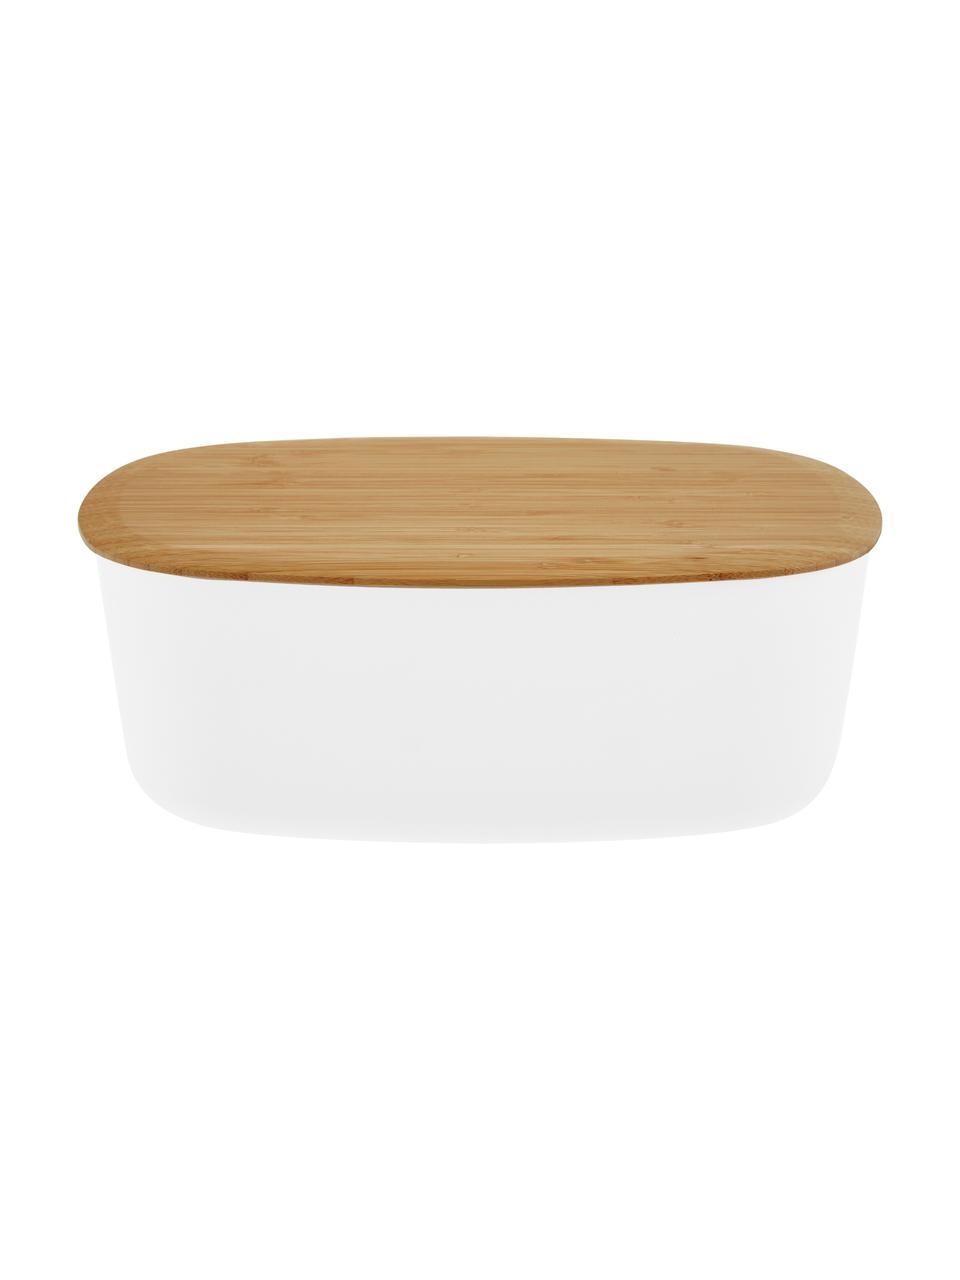 Designer Brotkasten Box-It in Weiß mit Bambusdeckel, Deckel: Bambus, Dose: Weiß Deckel: Braun, 35 x 12 cm